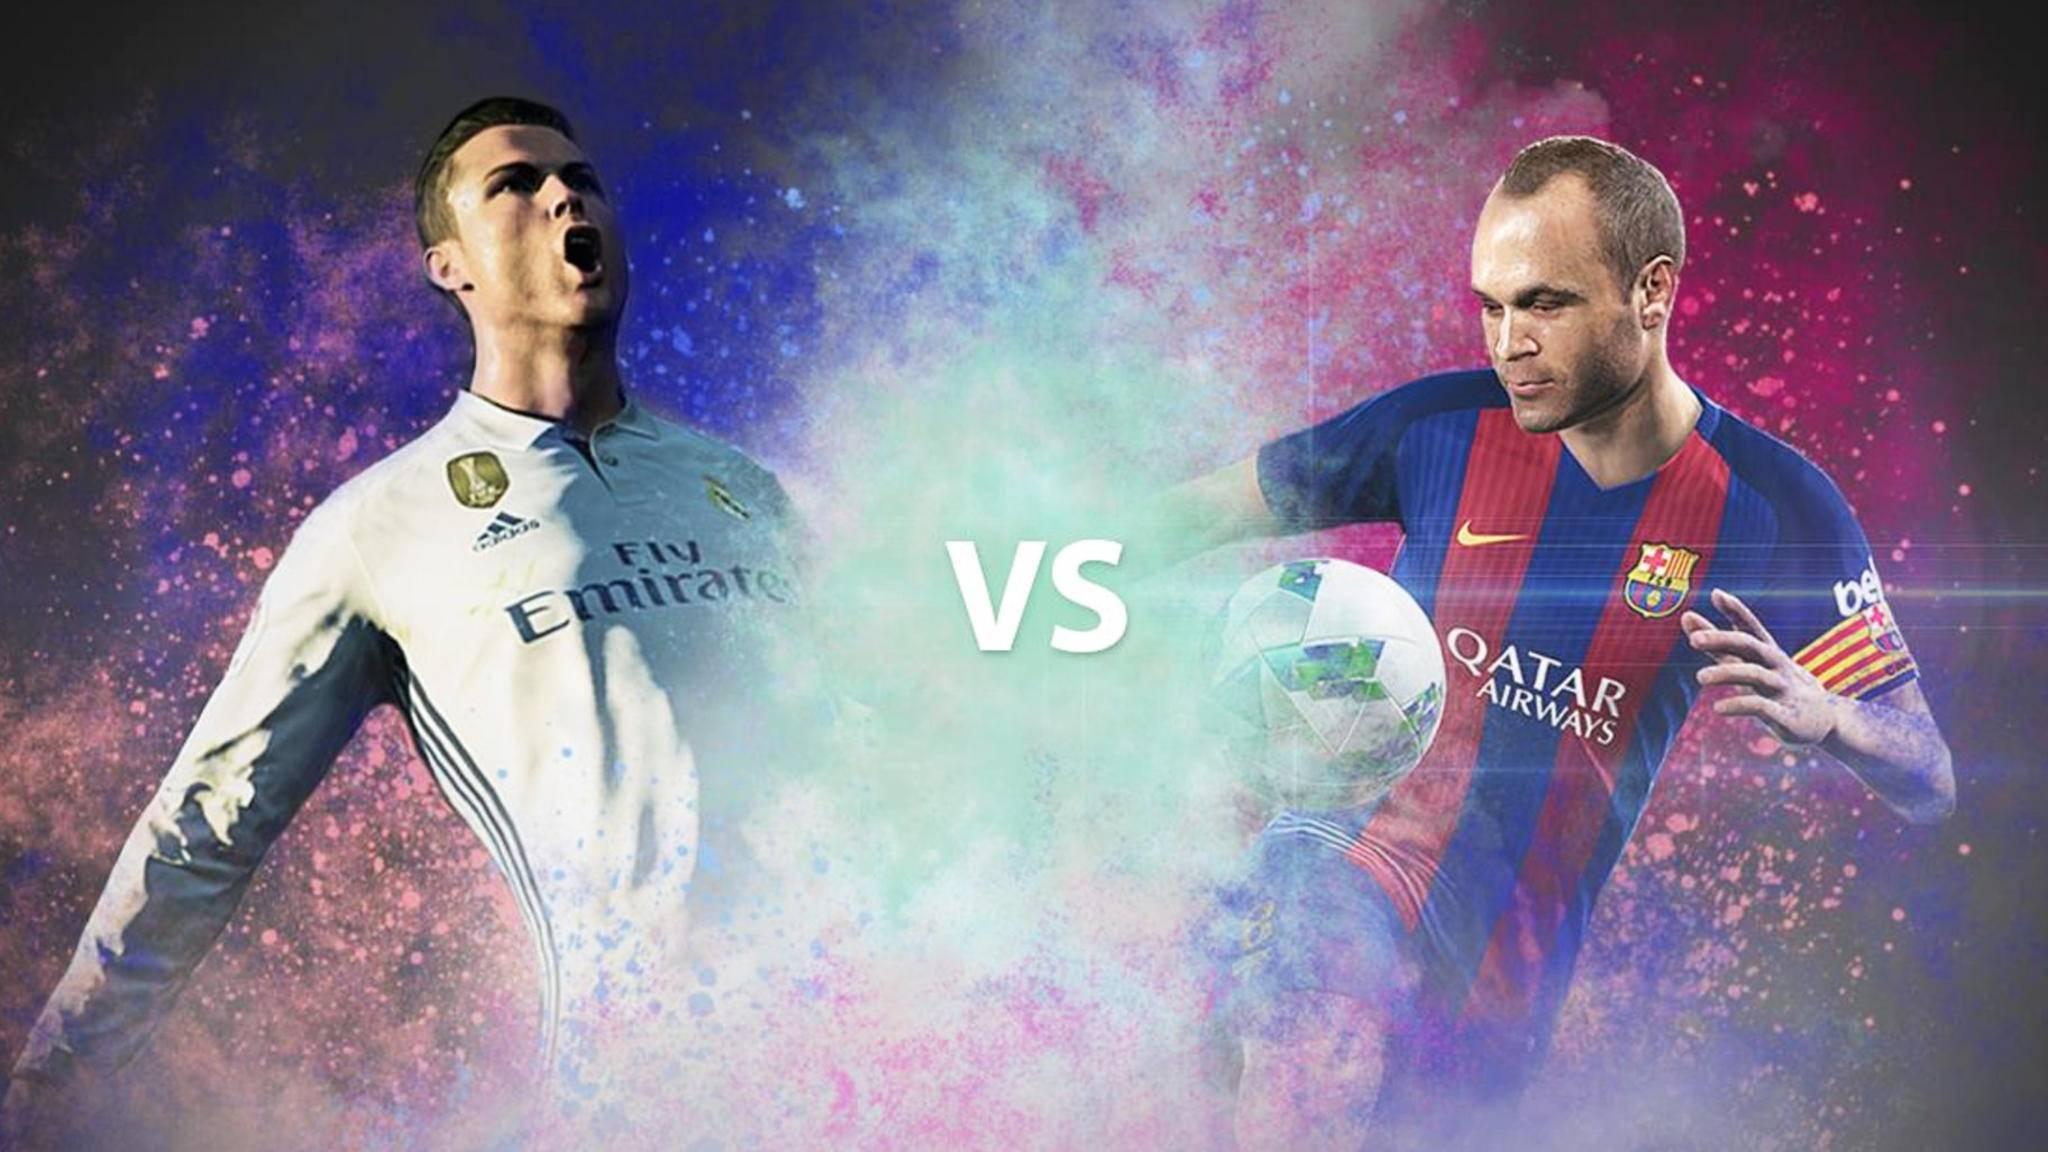 """Was ist besser: """"FIFA 18"""" oder """"PES 2018"""" – unser Vergleich."""